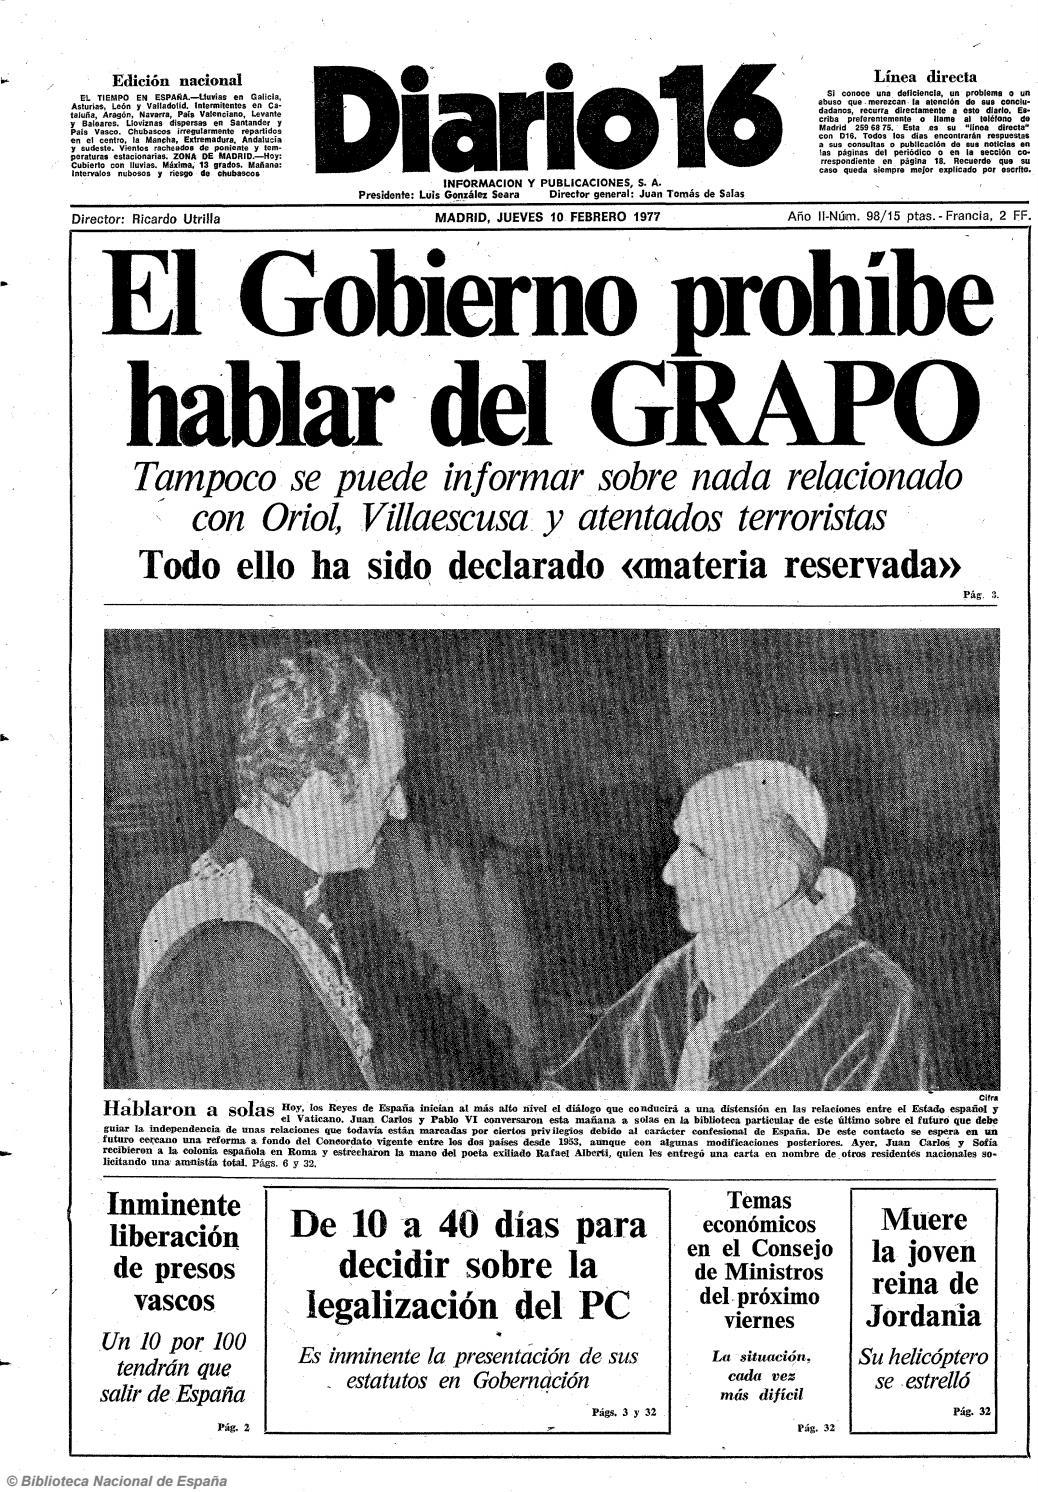 Actriz Porno Valladolid Española diario 16. 10-2-1977diario16deburgos - issuu